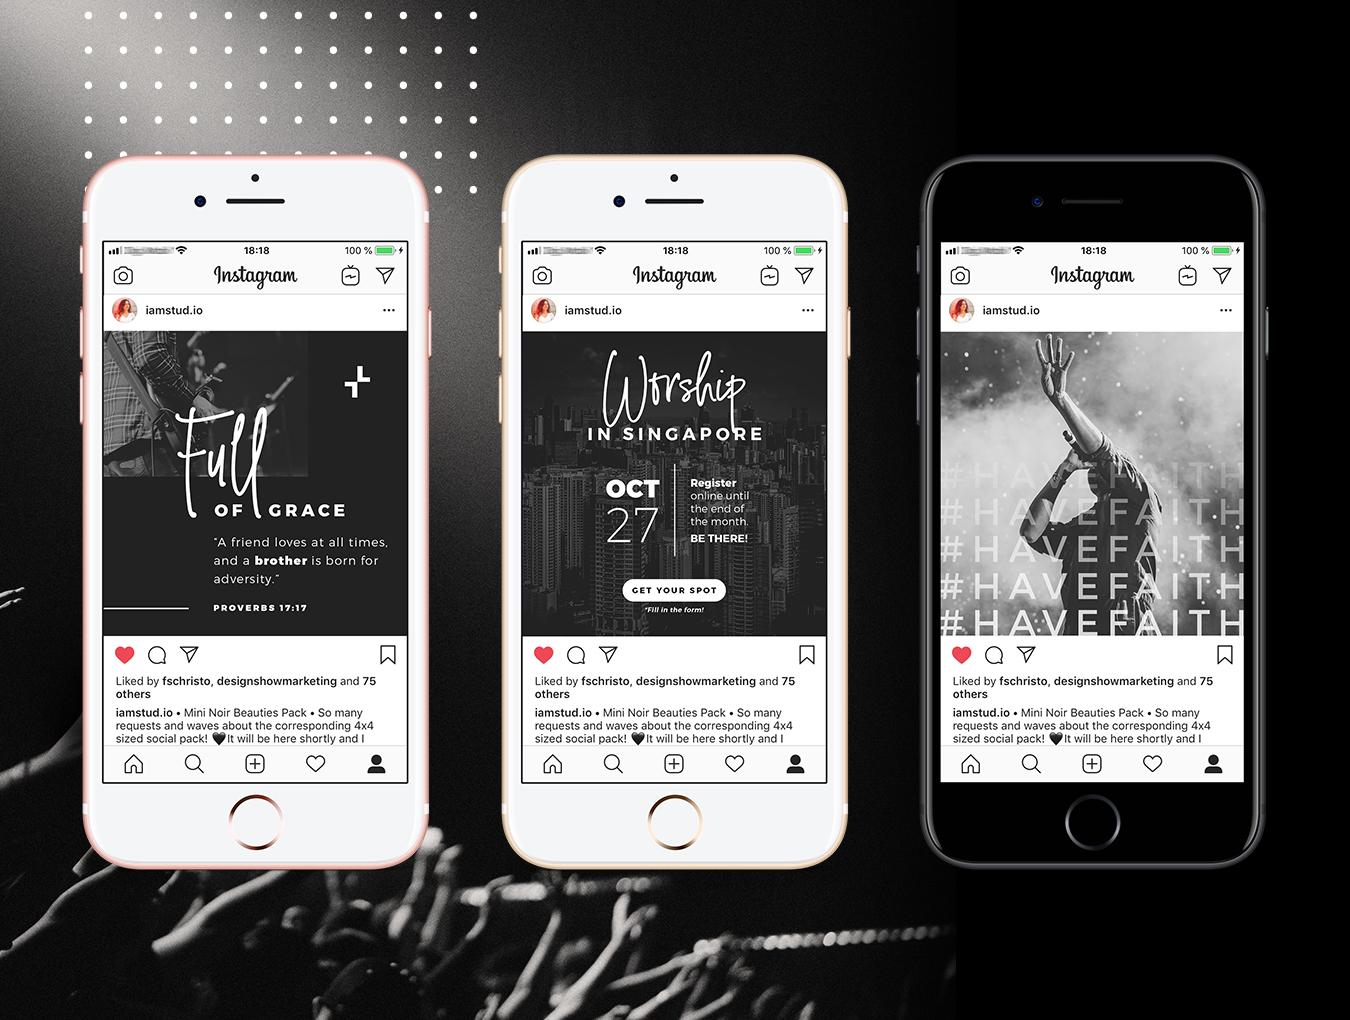 黑白色系品牌营销故事Instagram社交媒体设计素材 New Church Social Pack插图(5)